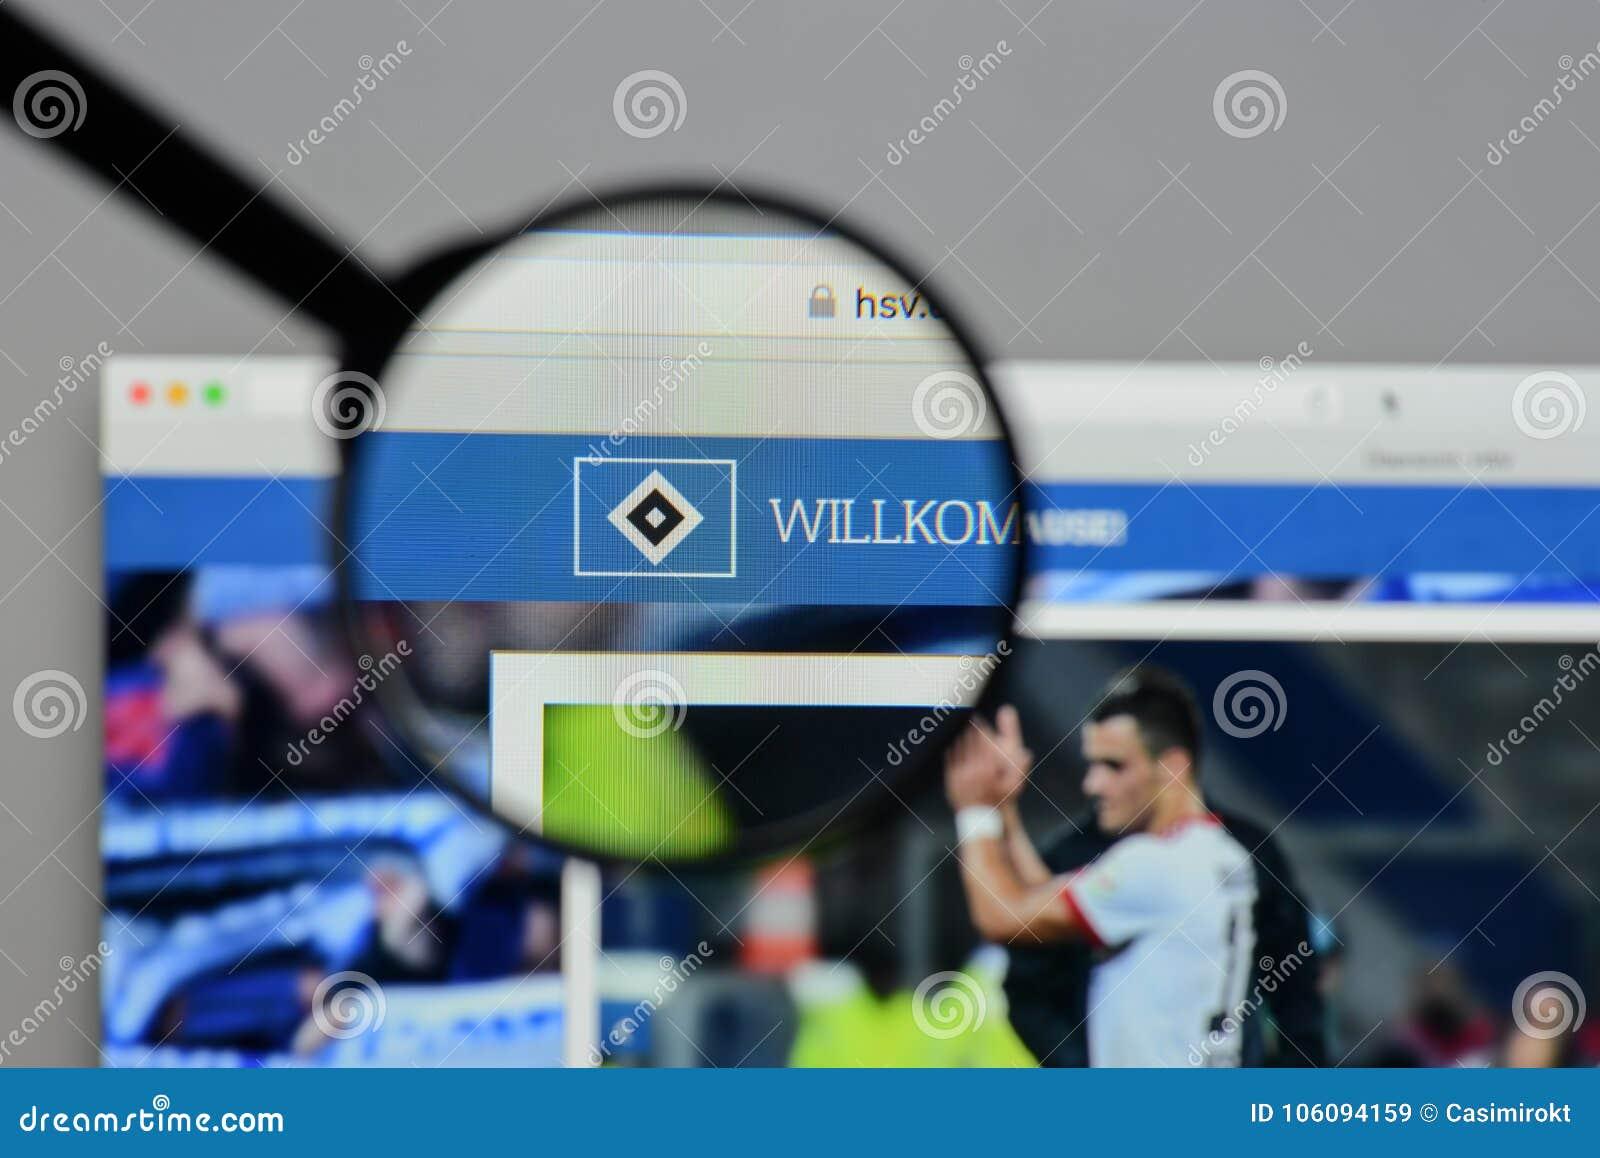 Hamburger Sv Homepage